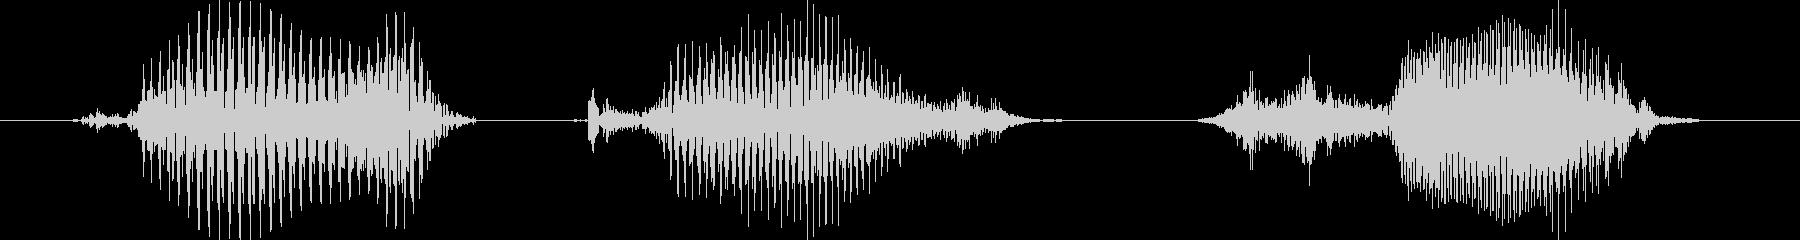 公開中【中音/明るい】の未再生の波形